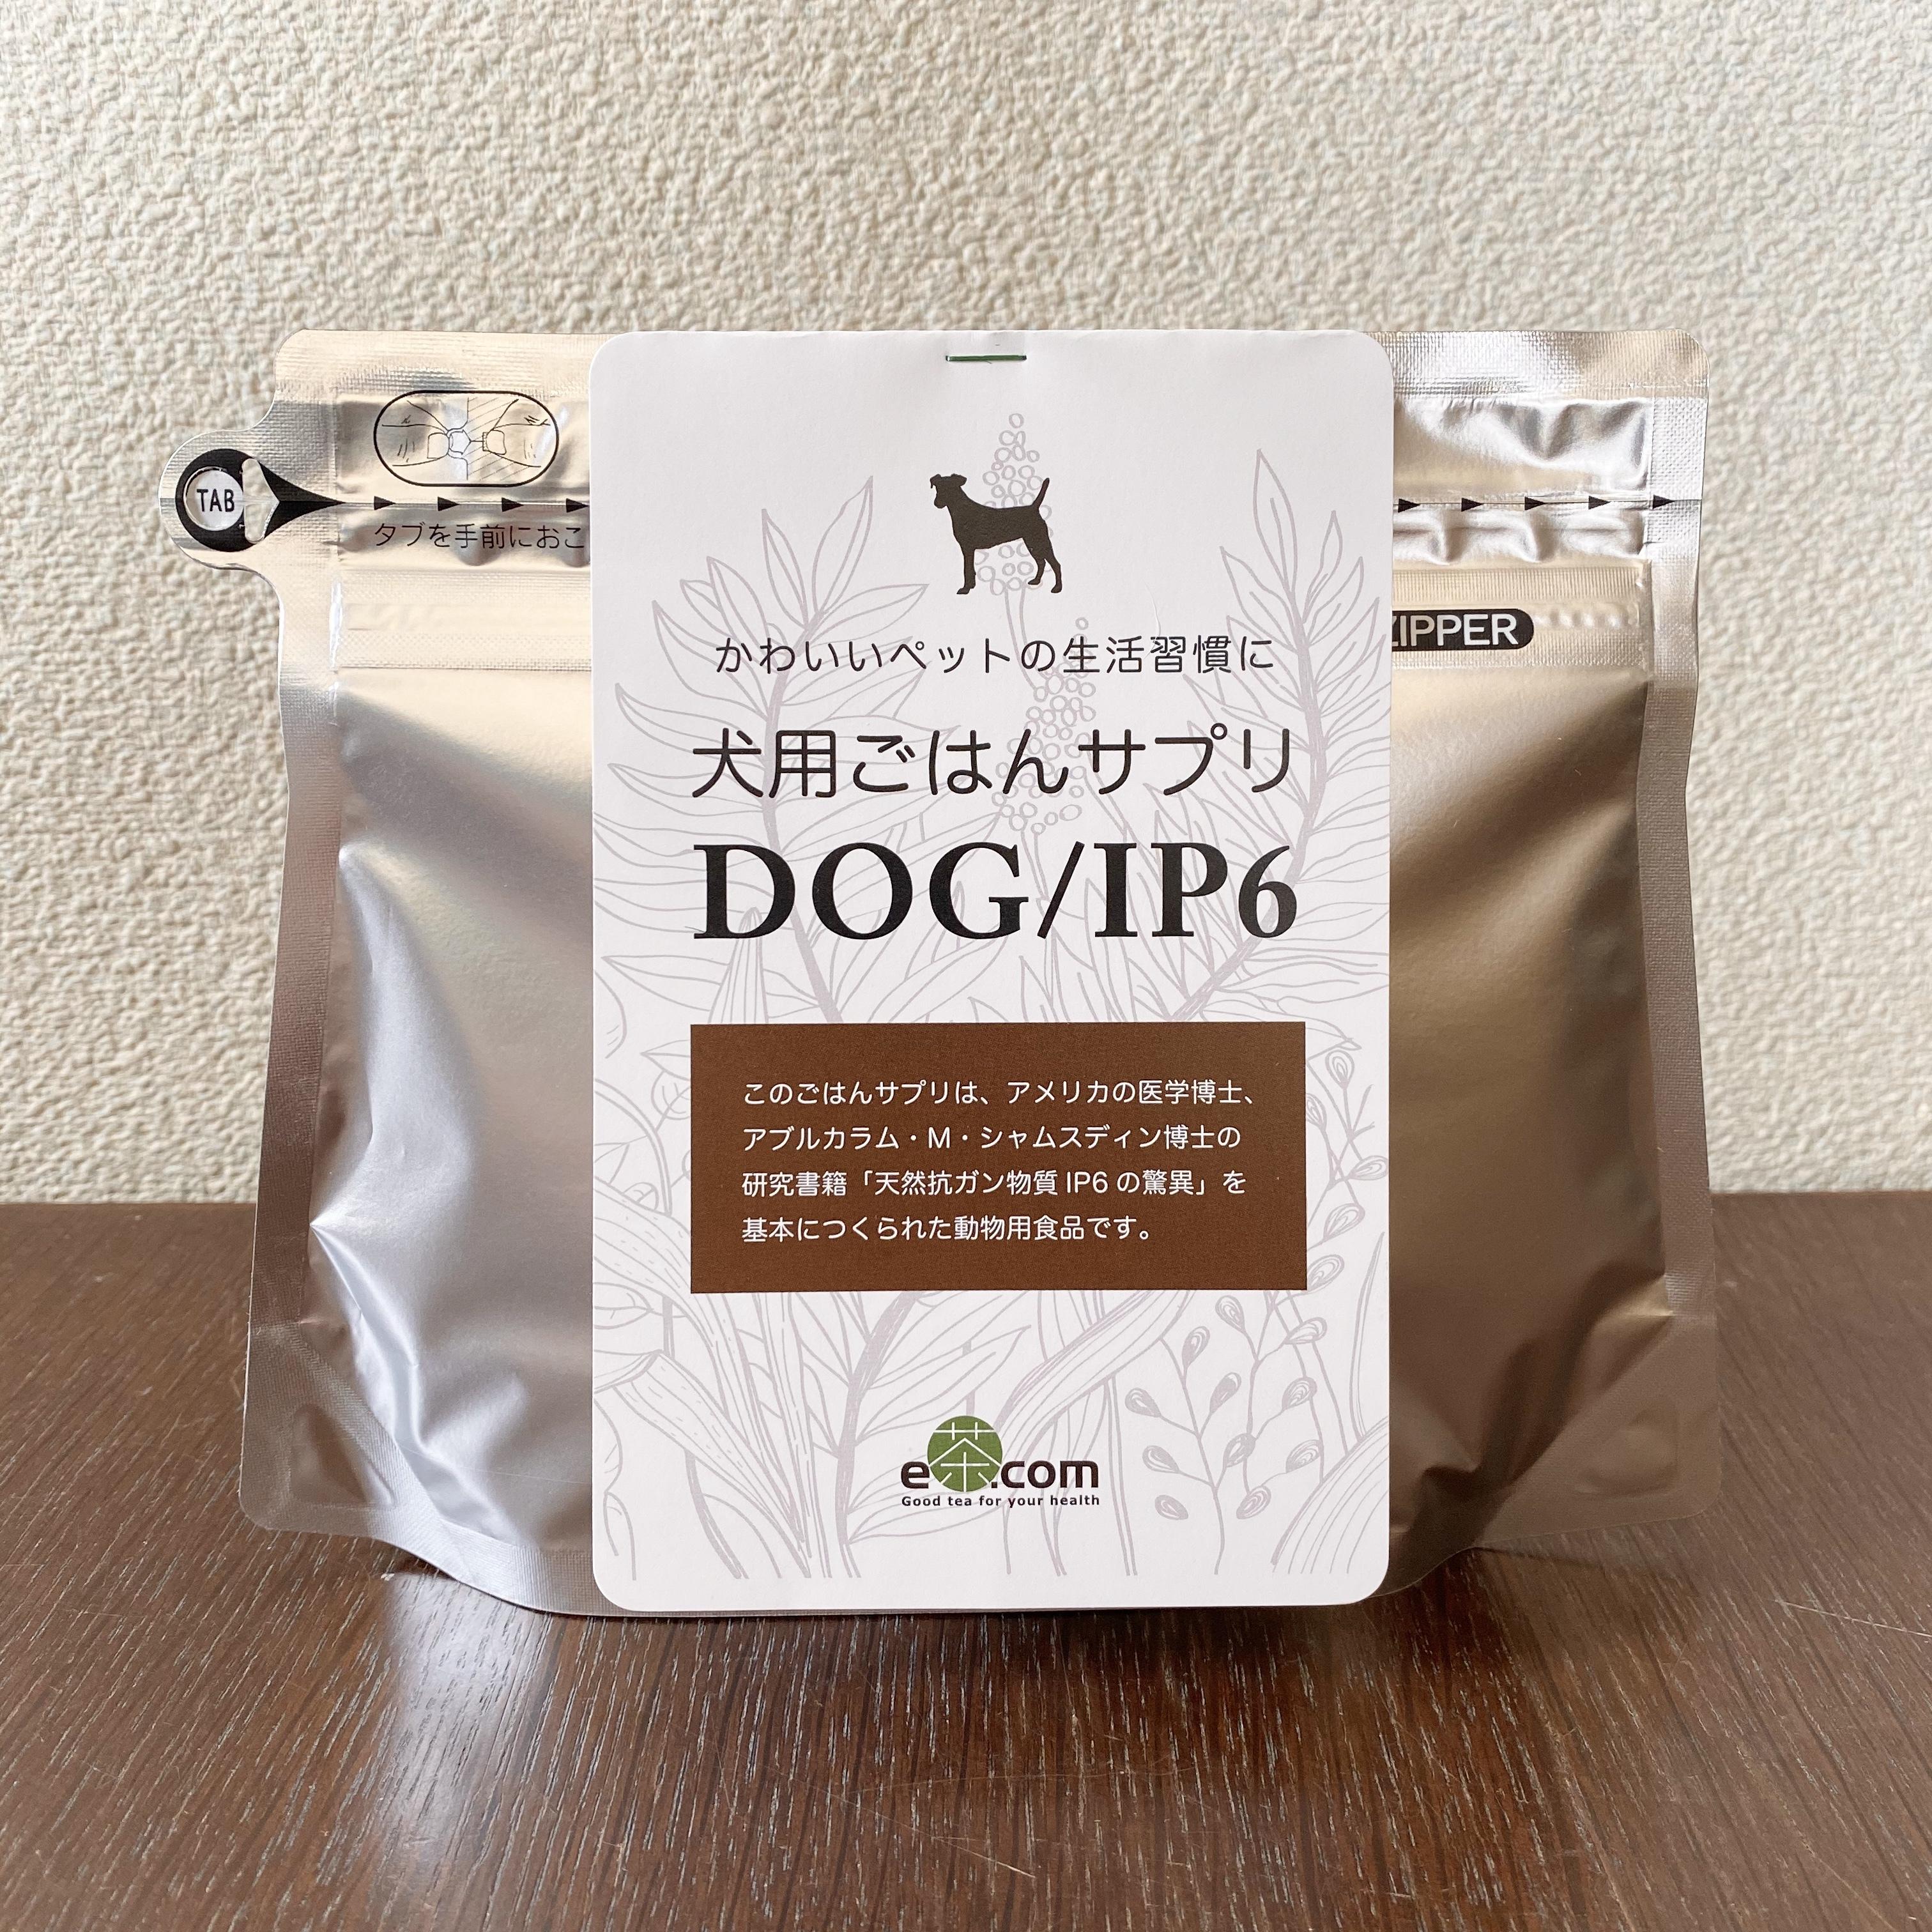 ミトコンドリア活性を高めたい!【お徳用】犬用ごはんサプリDOG/IP6(パウダータイプ120g入り)